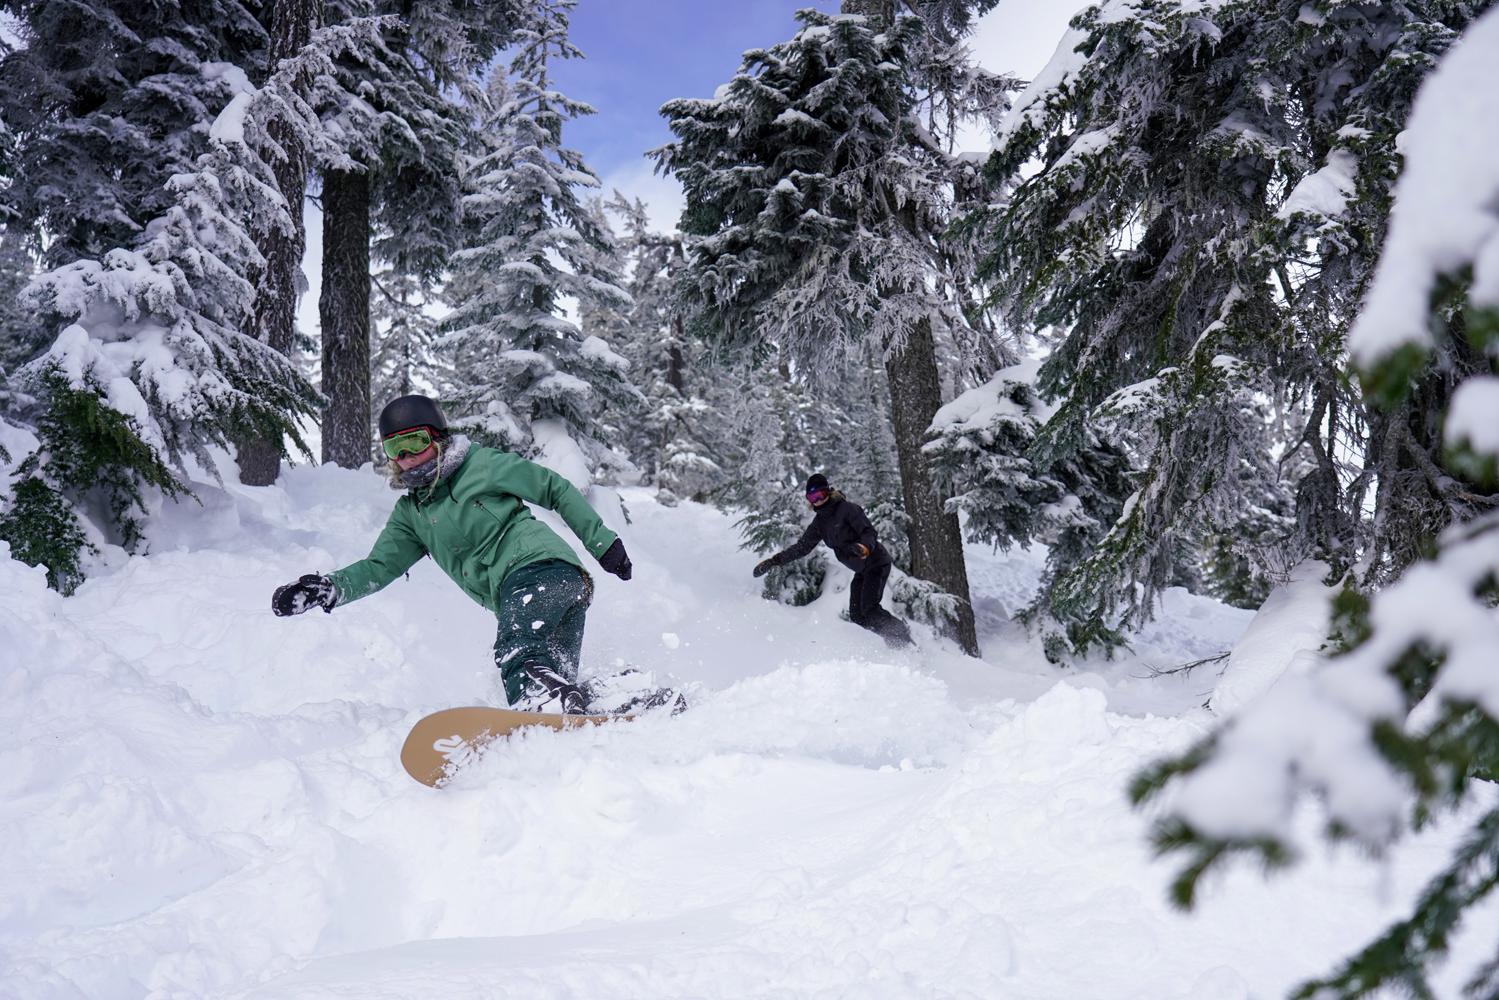 K2 girls Noelle and Michelle enjoying the Alpental snow.